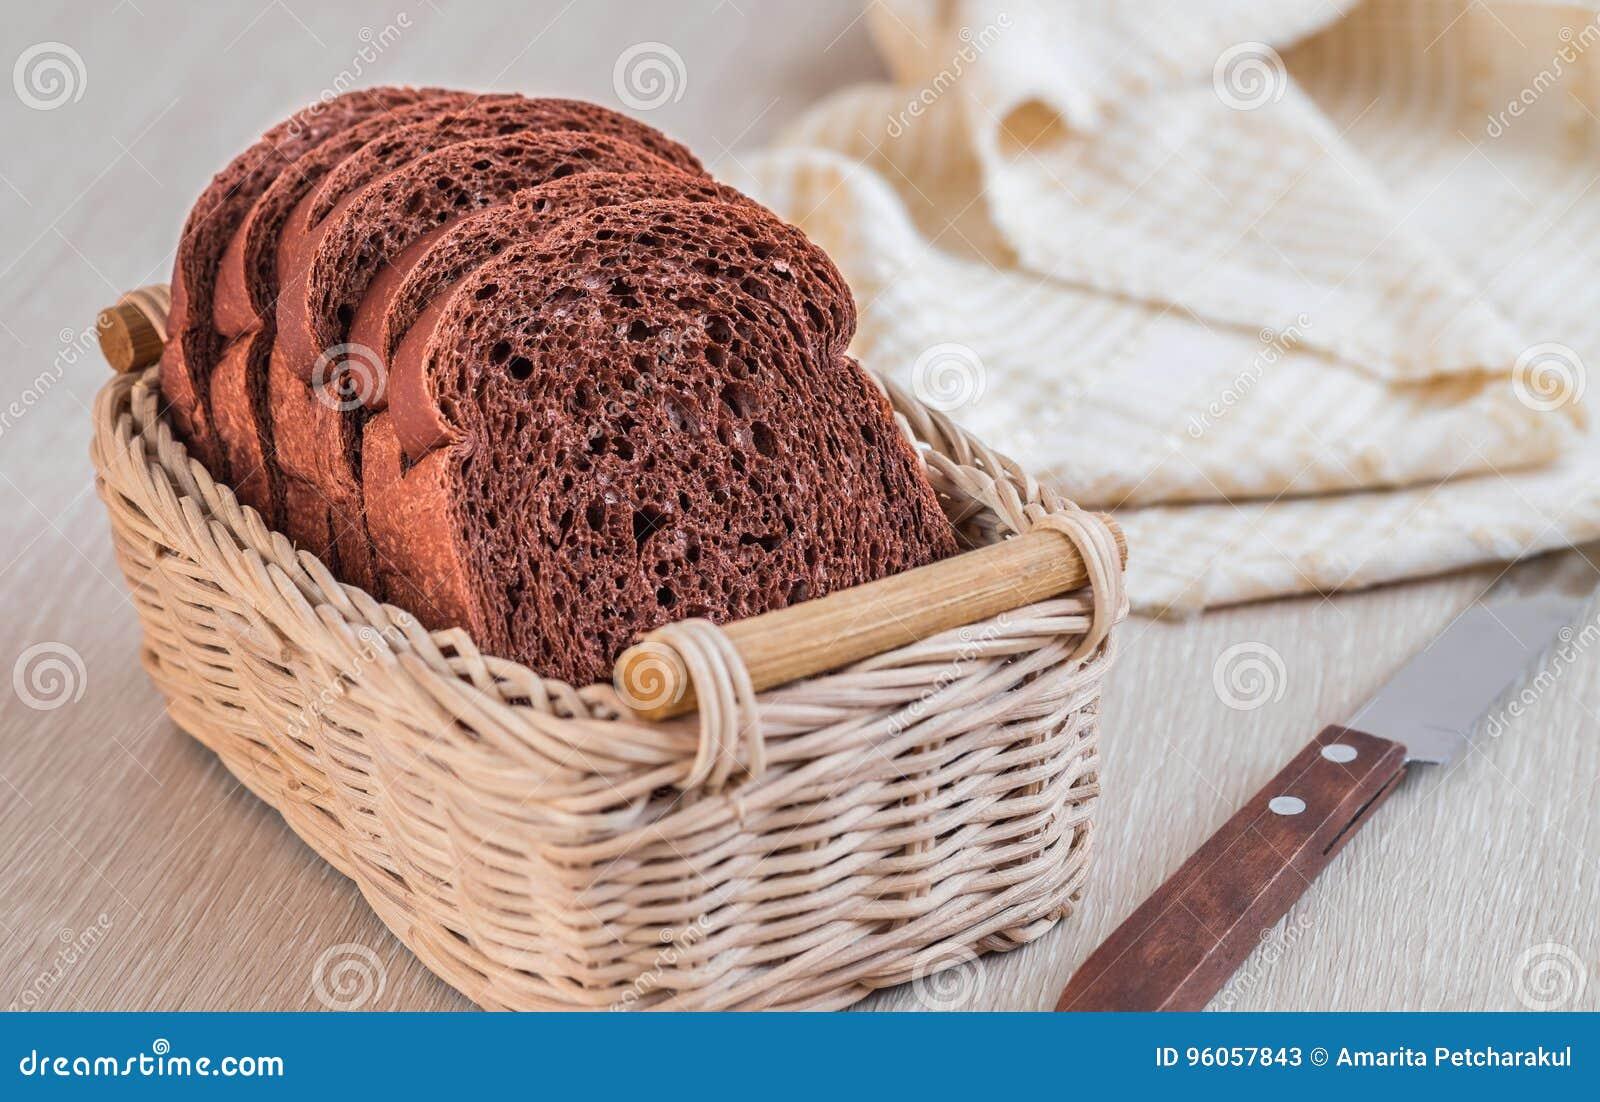 Pain de chocolat coupé en tranches dans le panier en osier